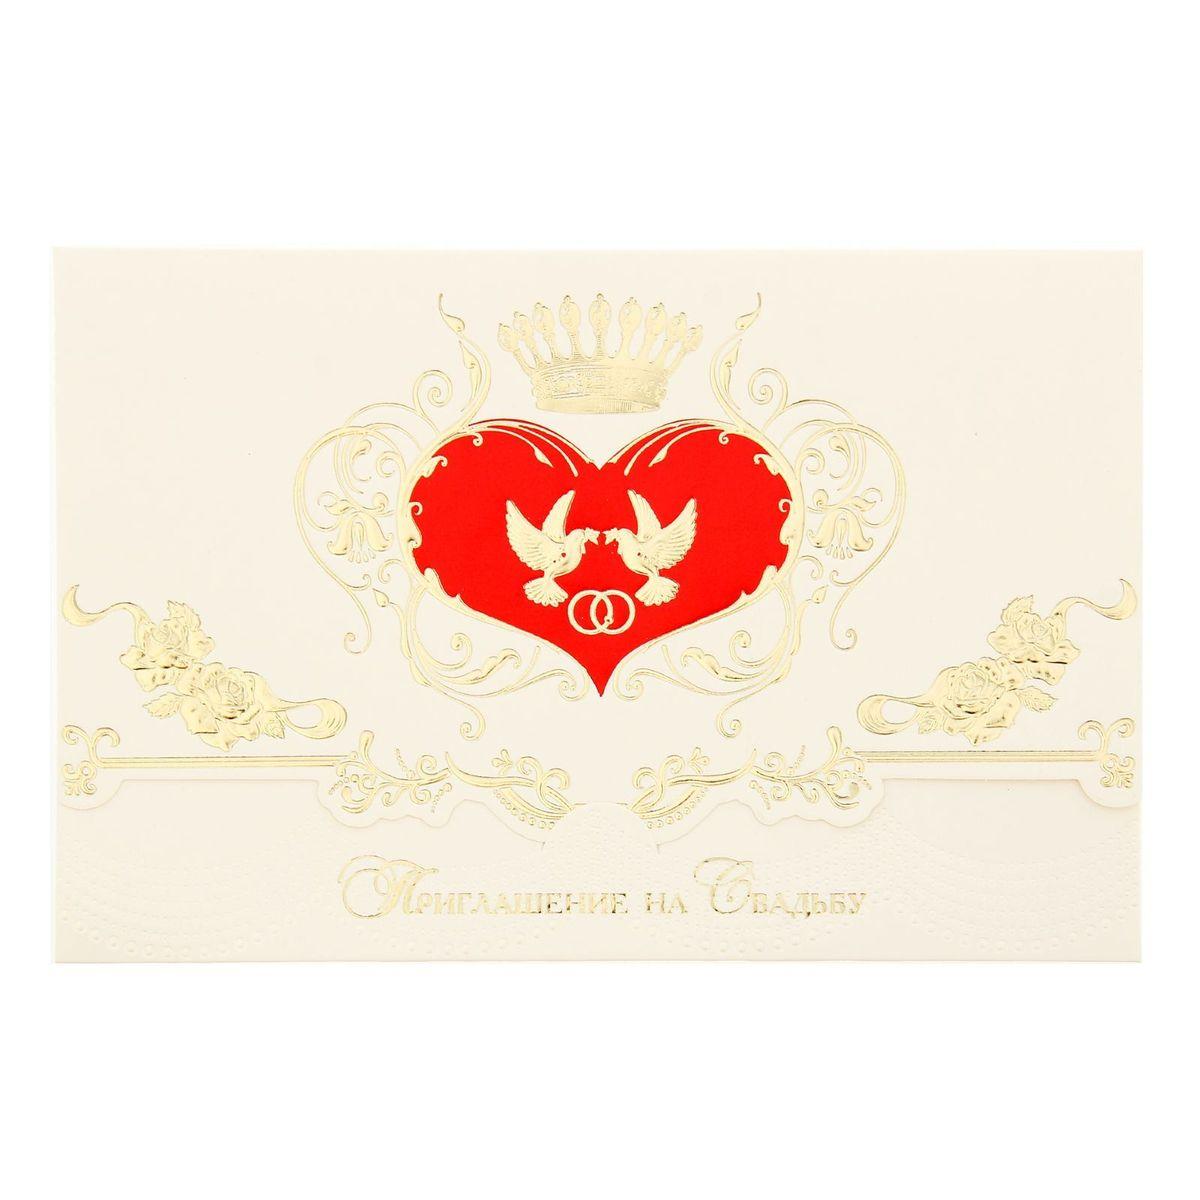 Приглашение на свадьбу Sima-landКоролевское, 19 х 12,5 см1259948Приглашение на свадьбу Sima-landКоролевское выполнено из бумаги.Свадьба — одно из главных событий в жизни каждого человека. Для идеального торжества необходимо продумать каждую мелочь. Родным и близким будет приятно получить индивидуальную красивую открытку с эксклюзивным дизайном.